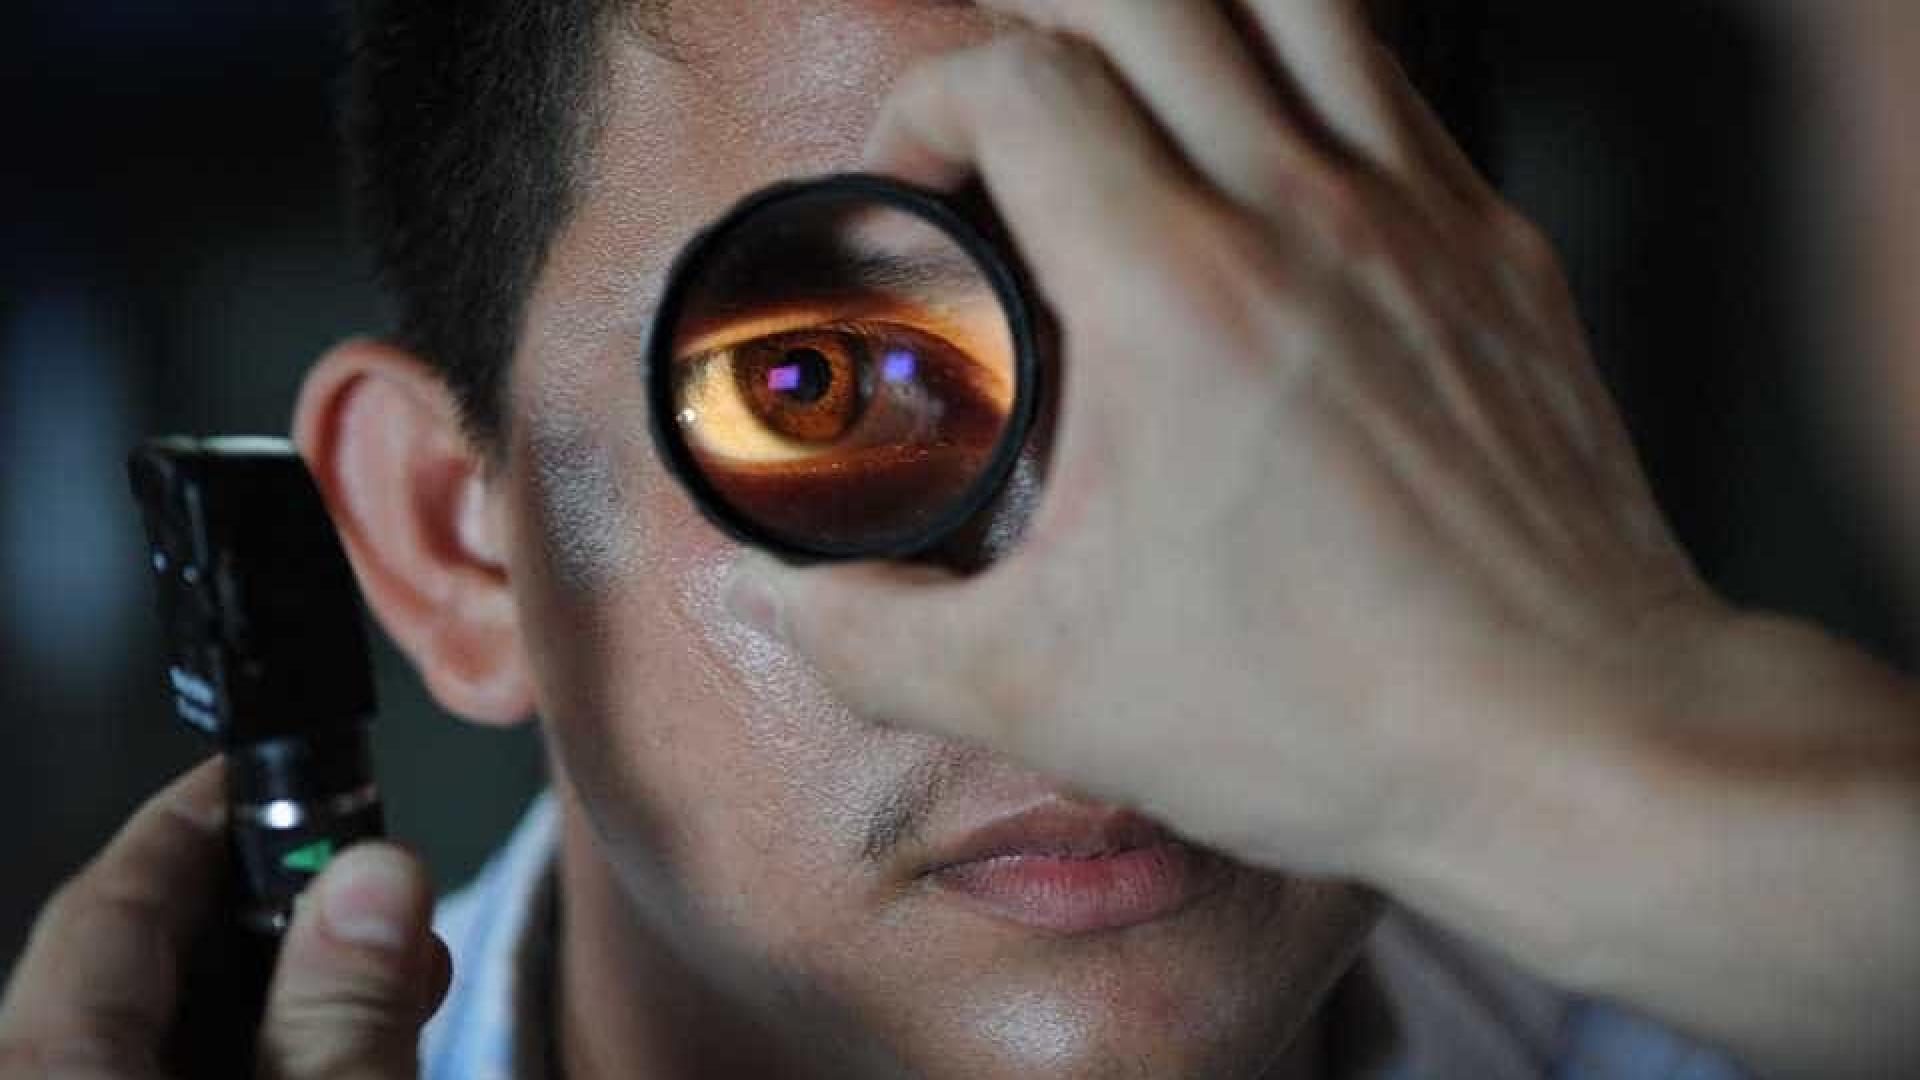 Déficit nutricional pode comprometer a visão no médio prazo